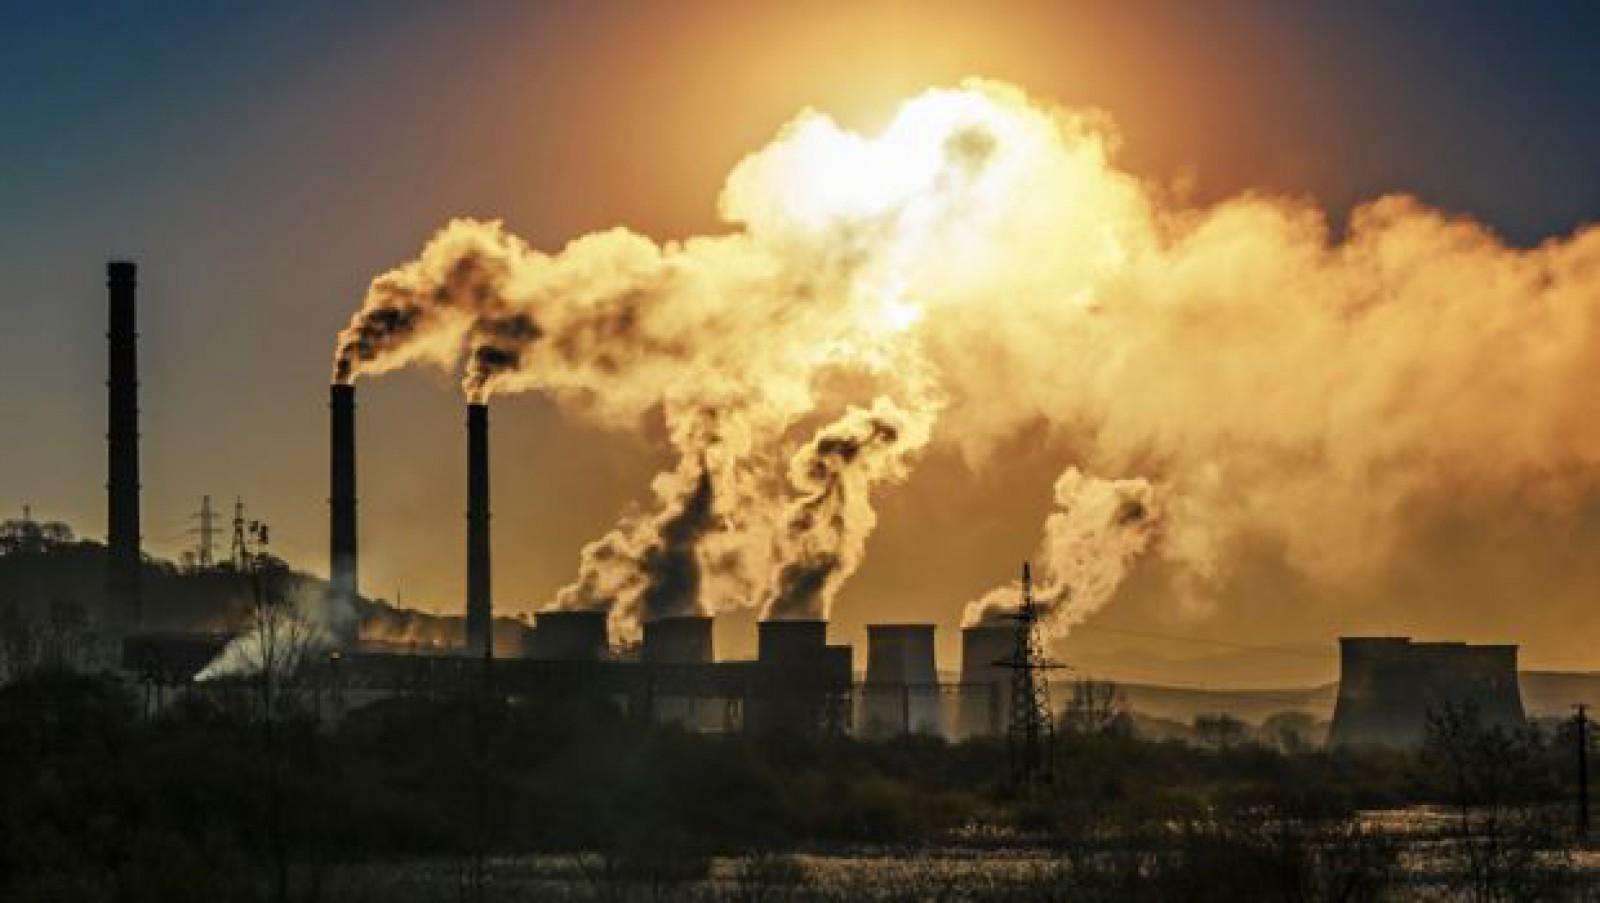 Constatare: Schimbările climatice au ajuns, în unele zone, la un punct fără întoarcere